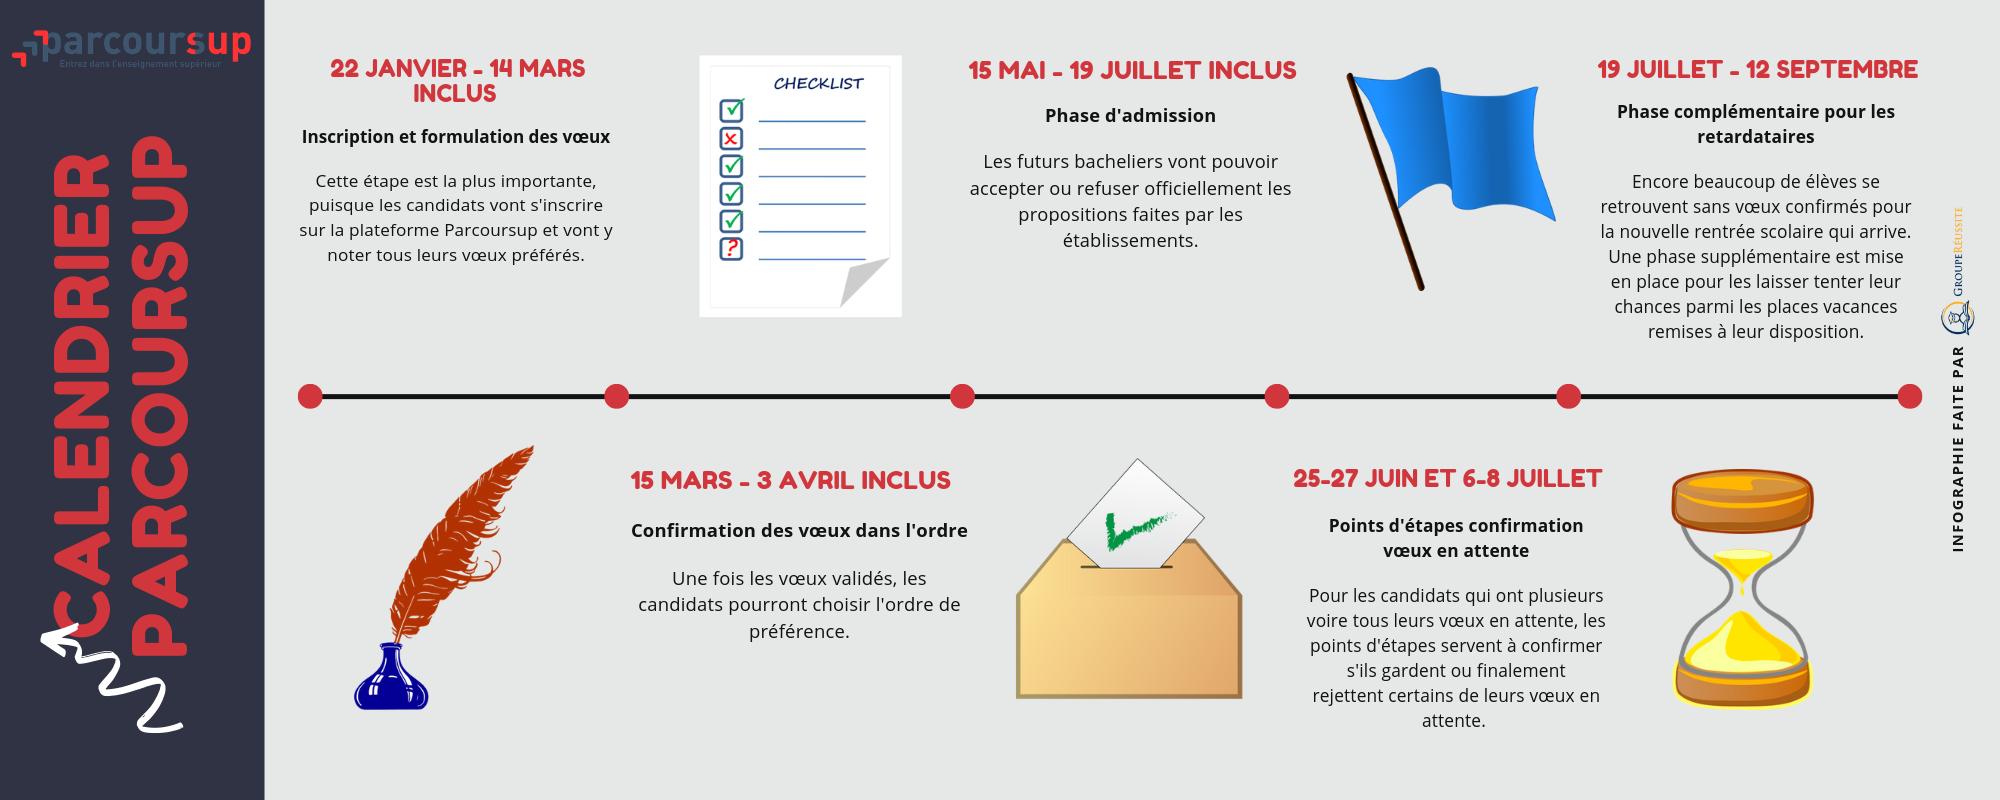 Calendrier-Parcoursup-timeline-1